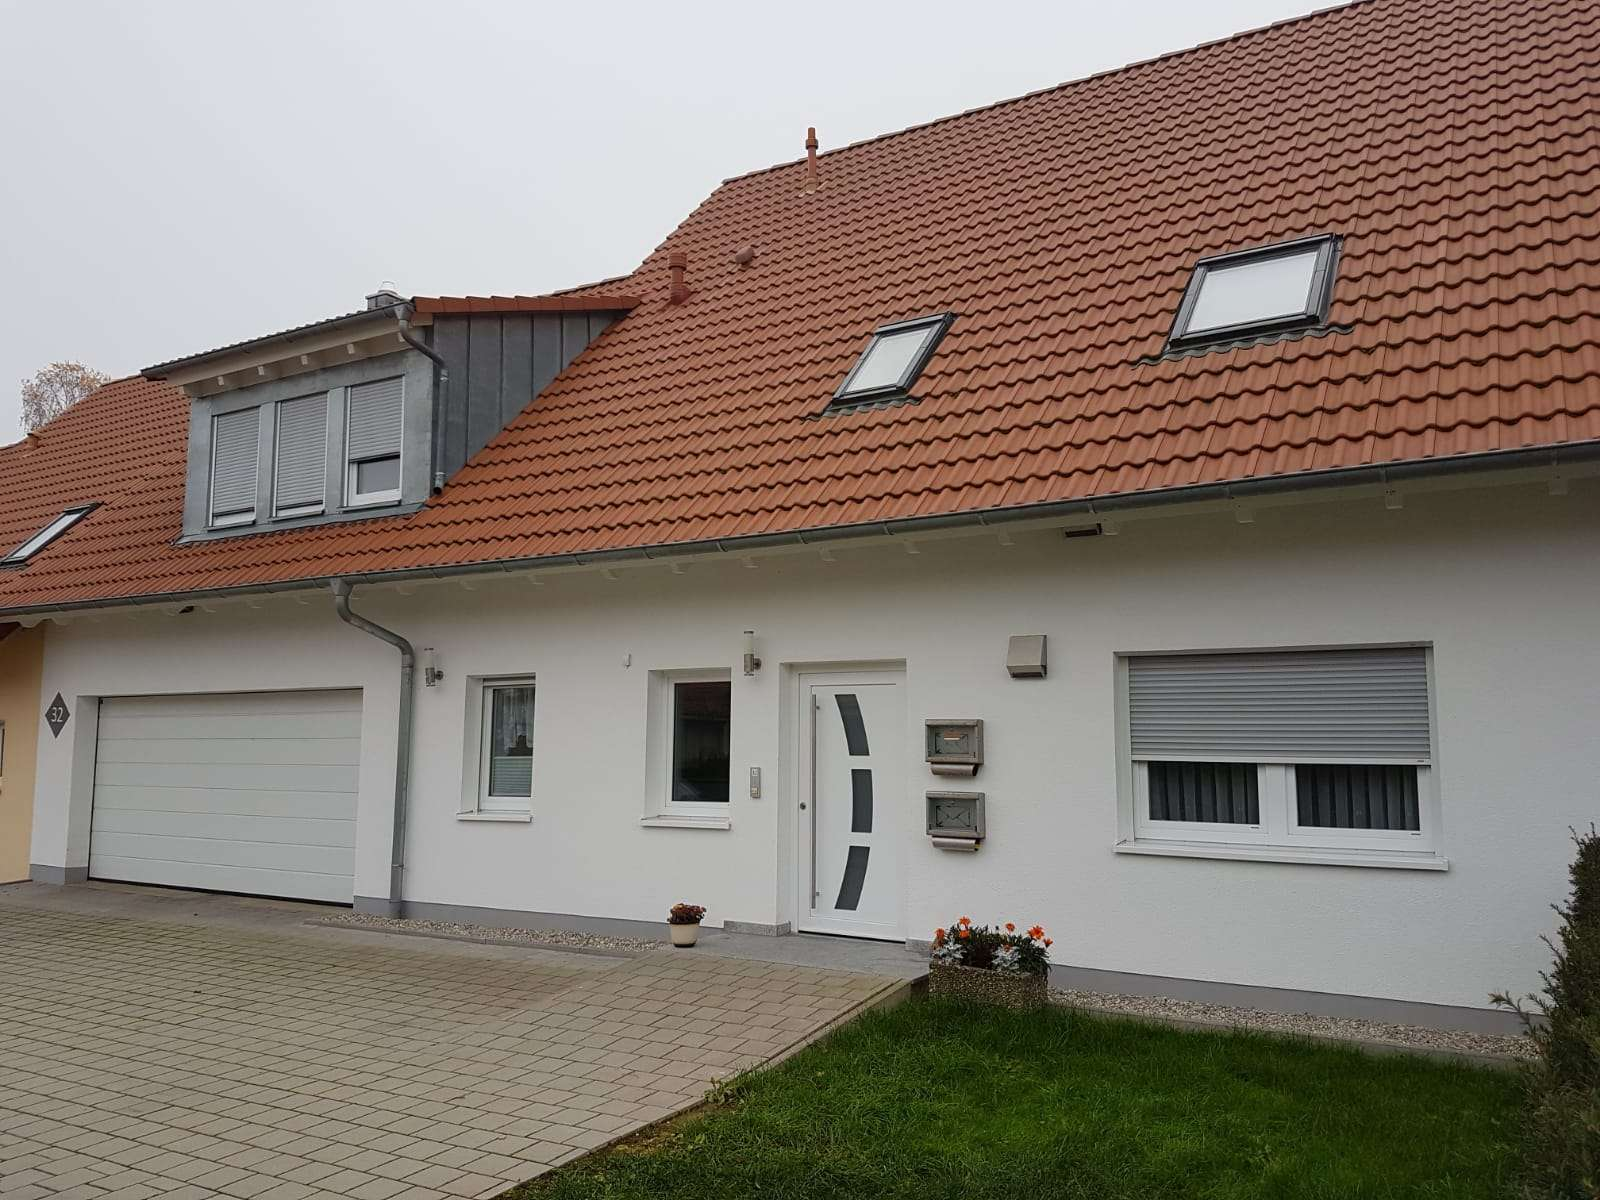 Gepflegte 3-Zimmer-EG Wohnung mit Terrasse, Einbauküche, Speise, Abstellraum, Garage in Feuchtwangen in Feuchtwangen